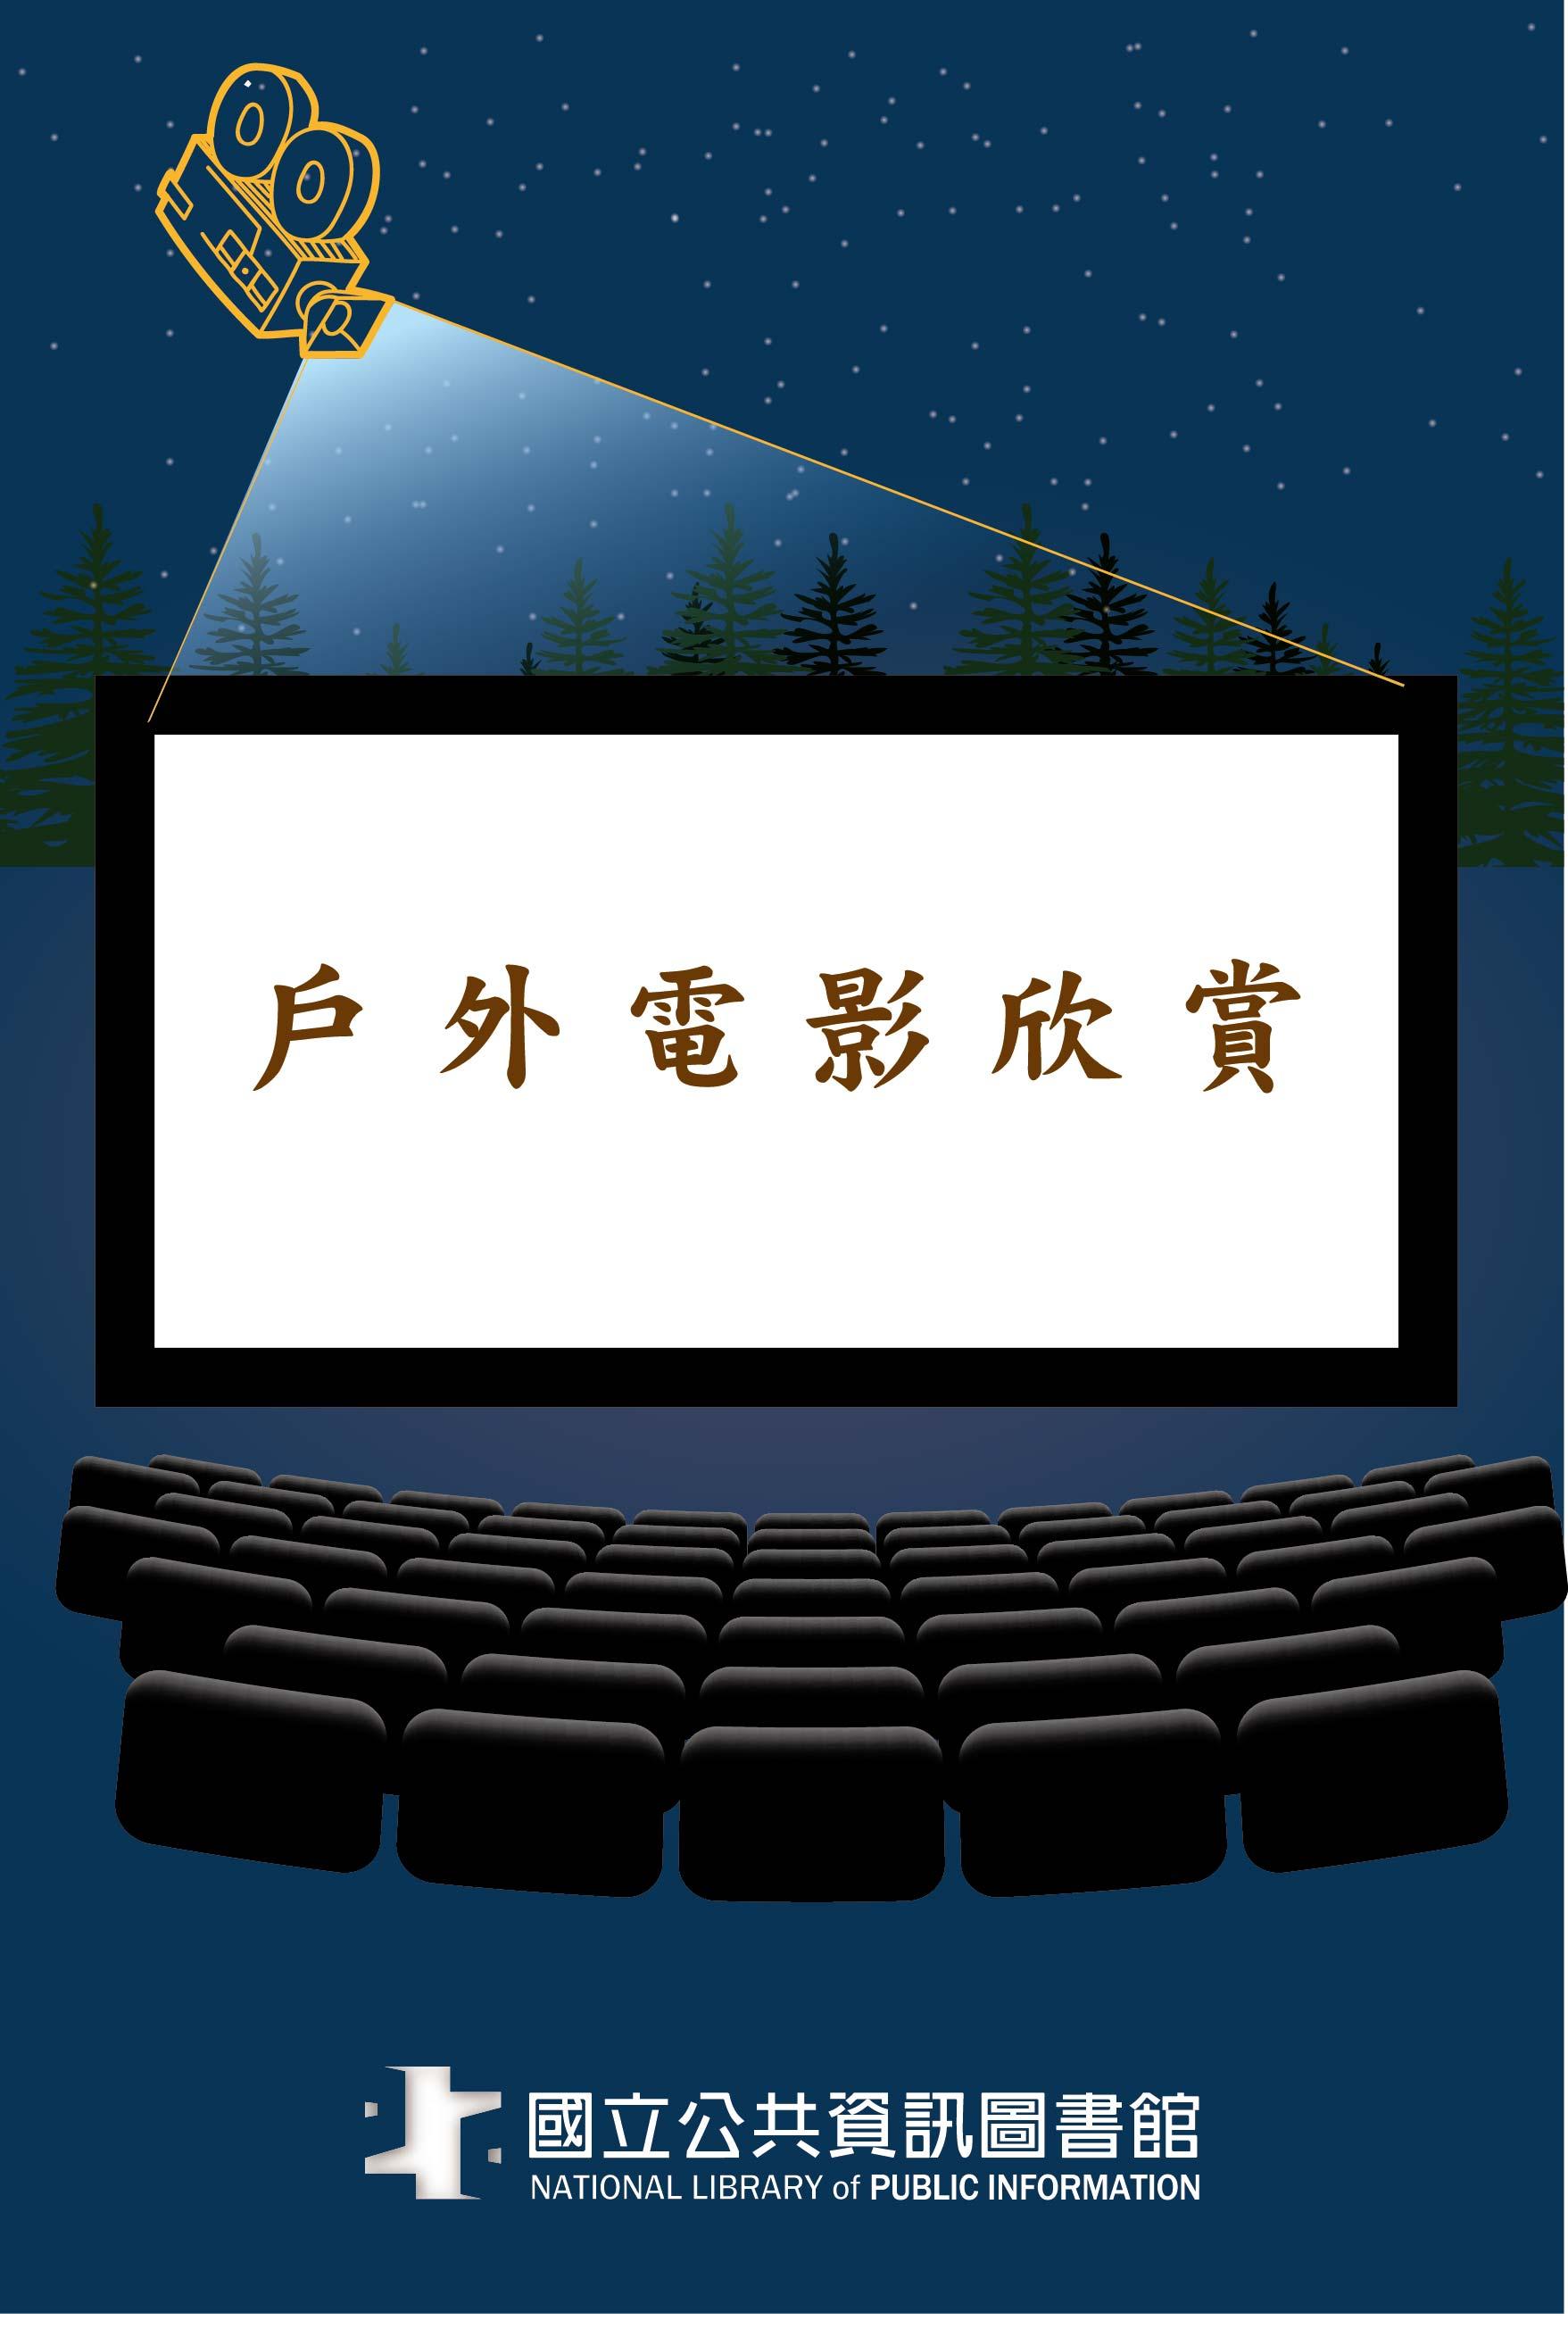 4月戶外電影播映節目表